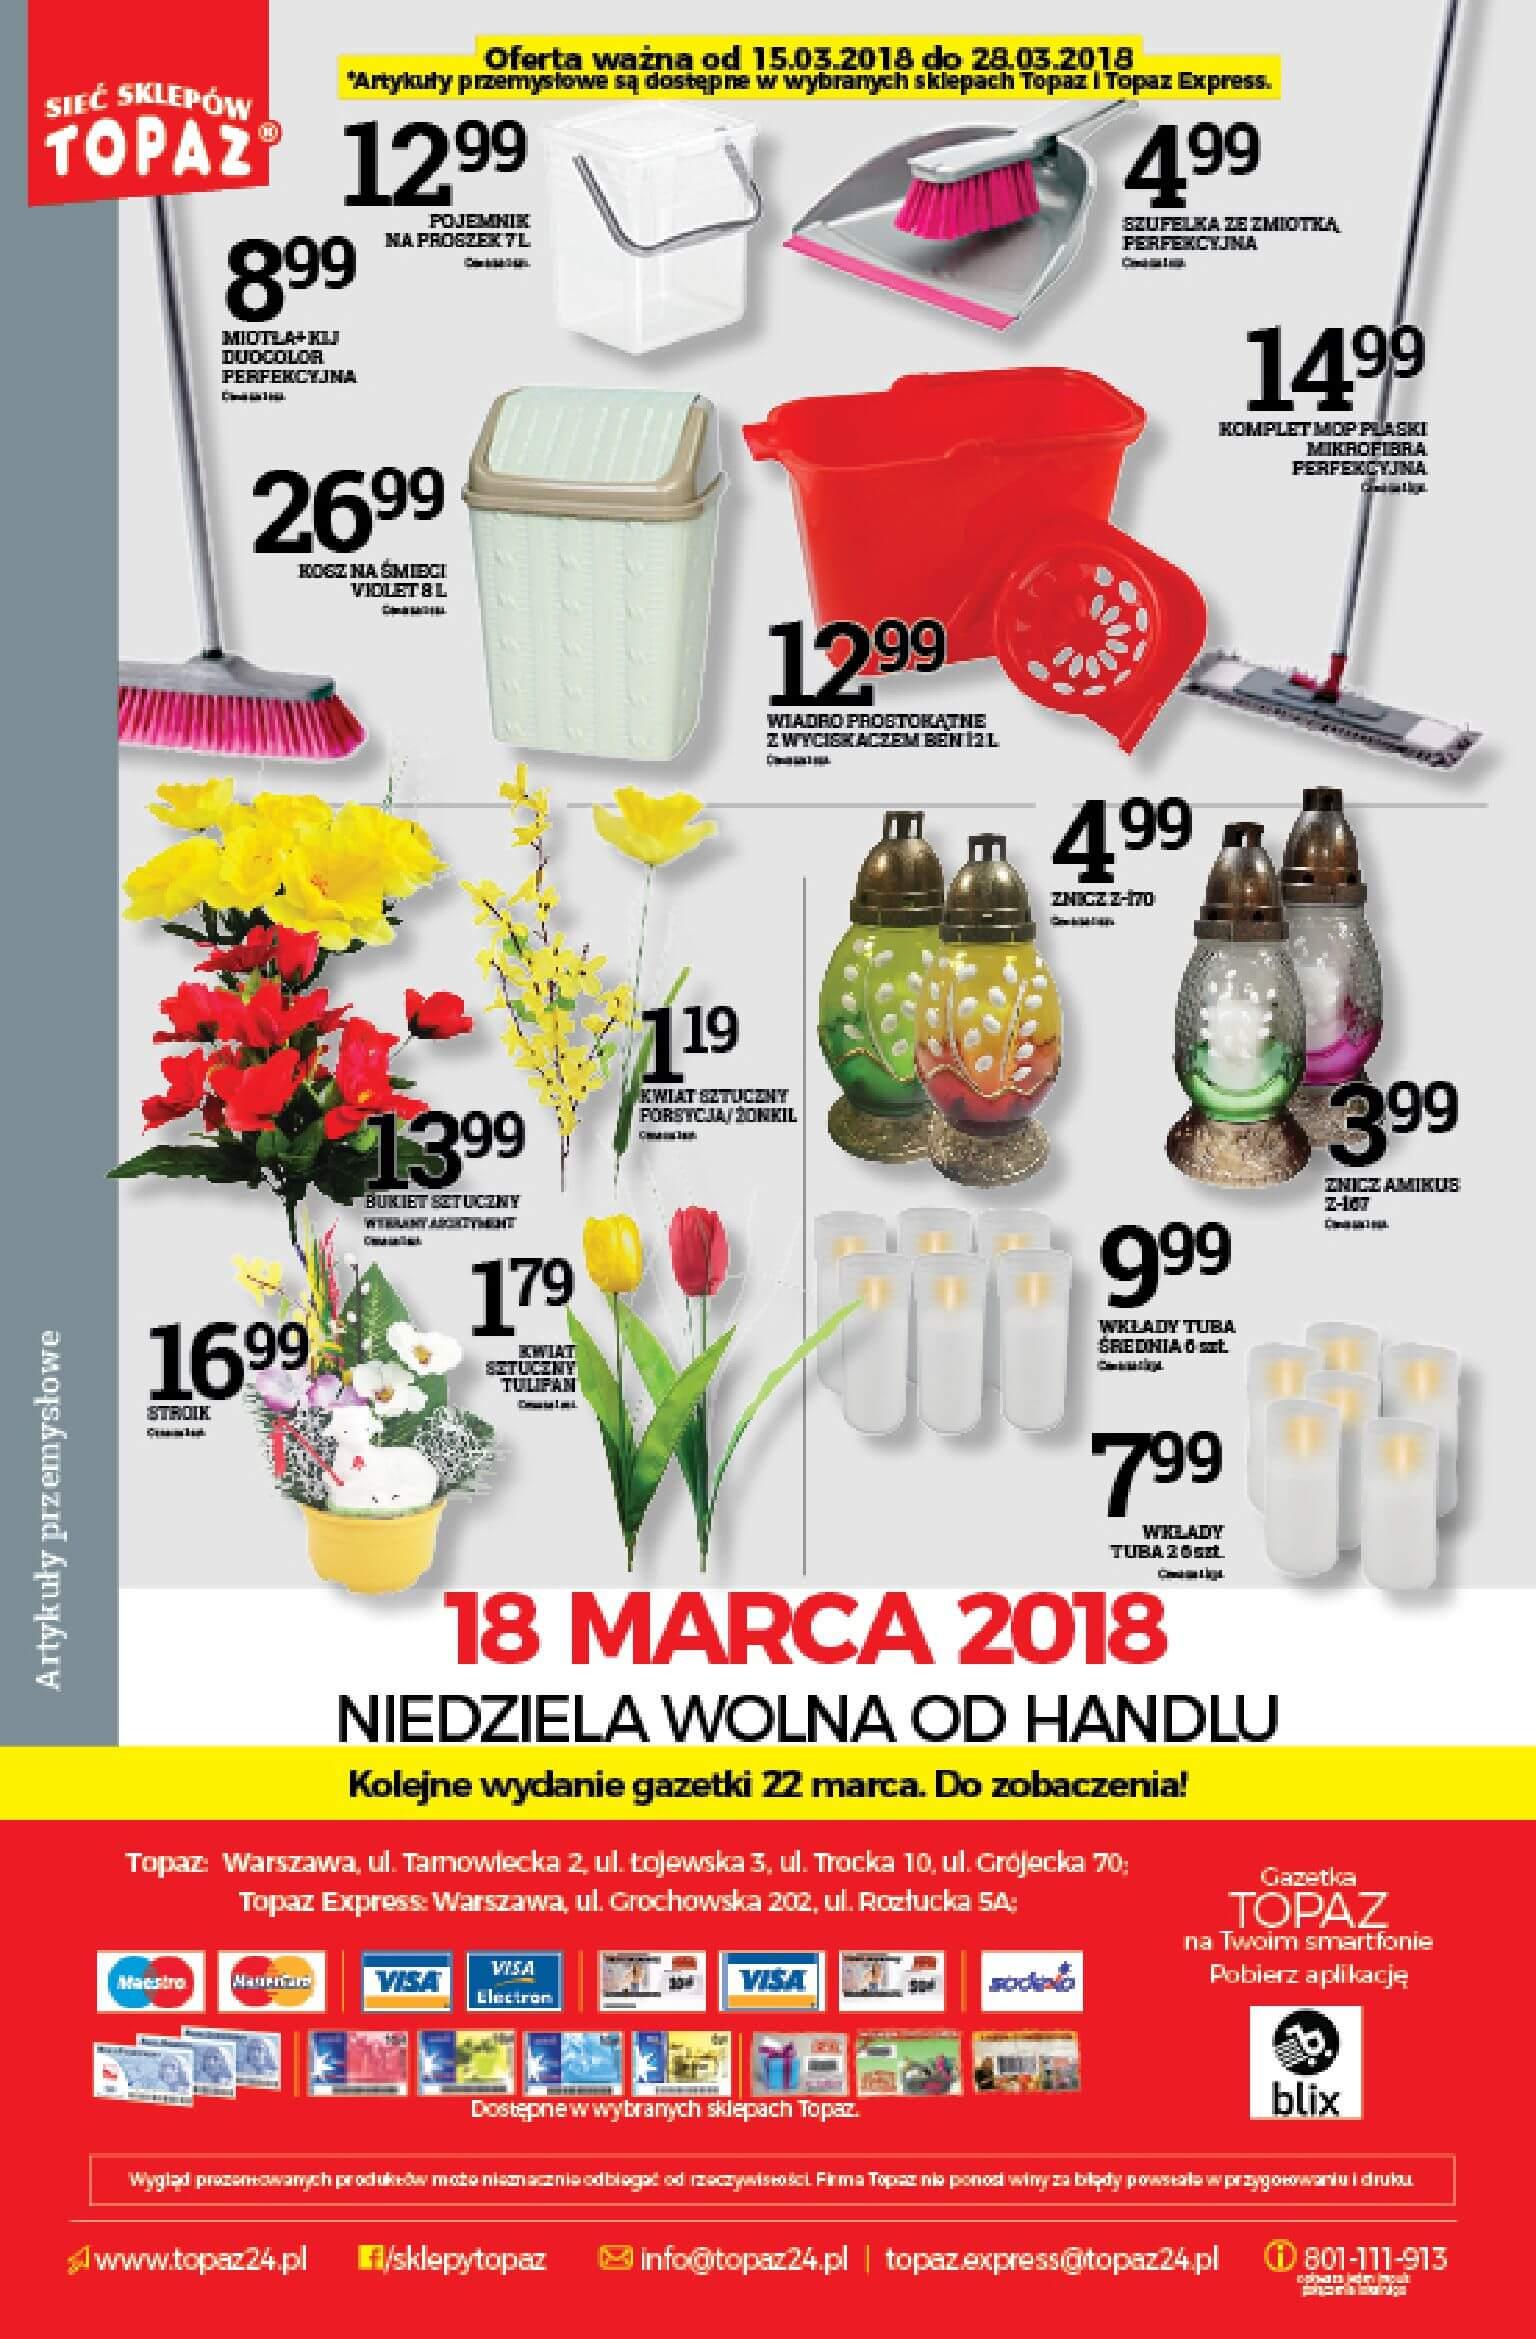 Gazetka TOPAZ - Oferta na art. spożywcze-14.03.2018-21.03.2018-page-